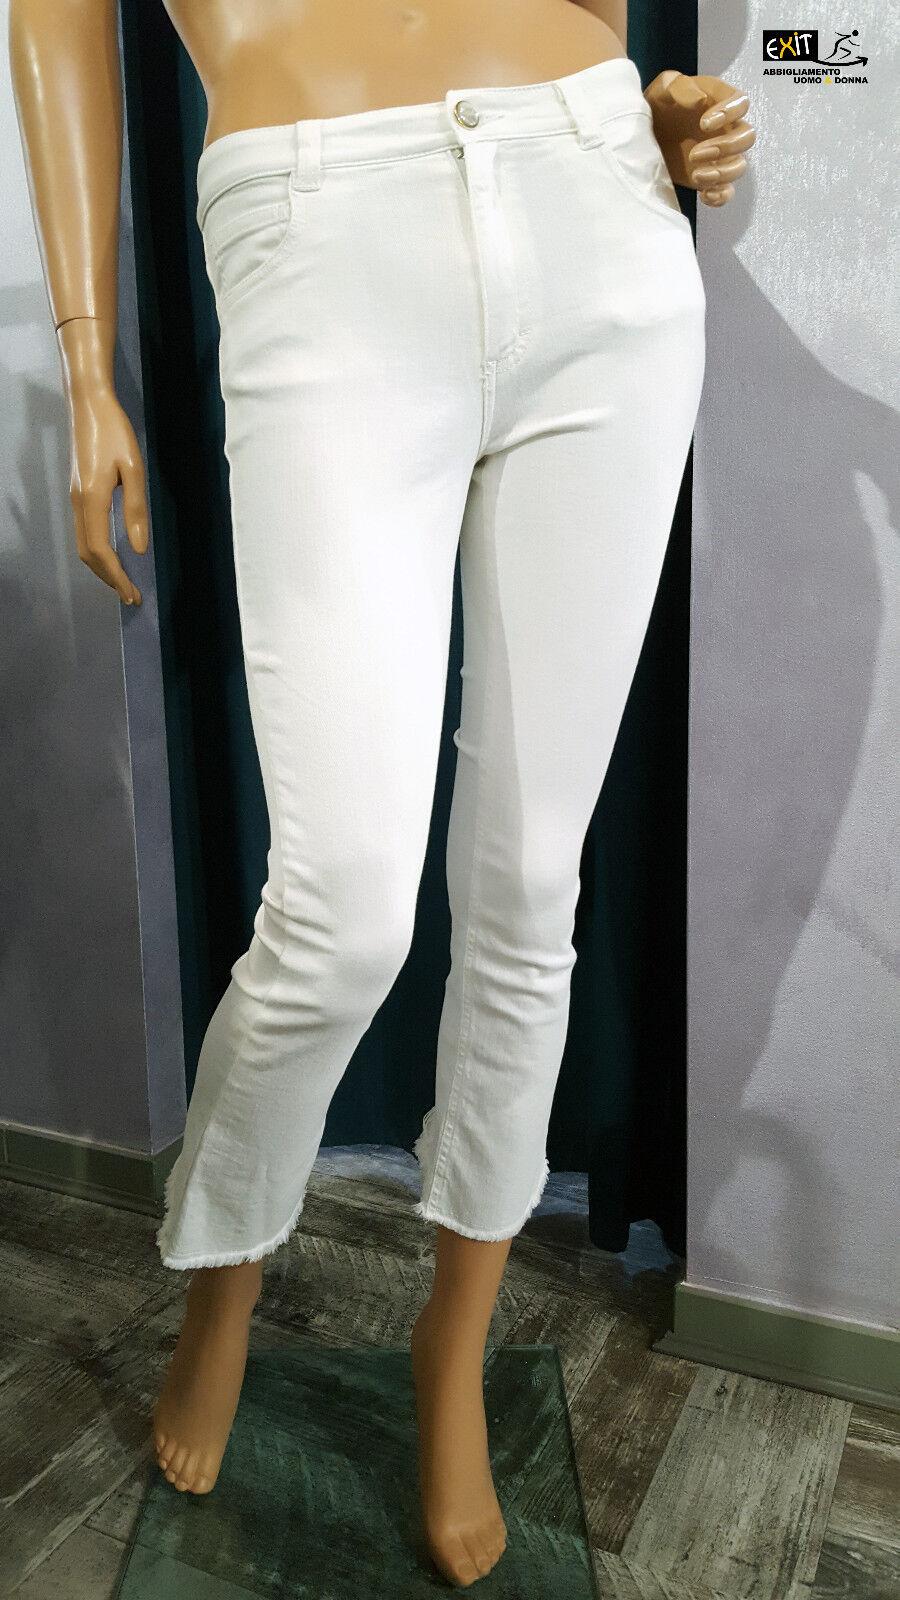 Denny rosa jeans strappo caviglia caviglia caviglia art. 73DR12022 collezione prim.-estate 2017 a2bcd8